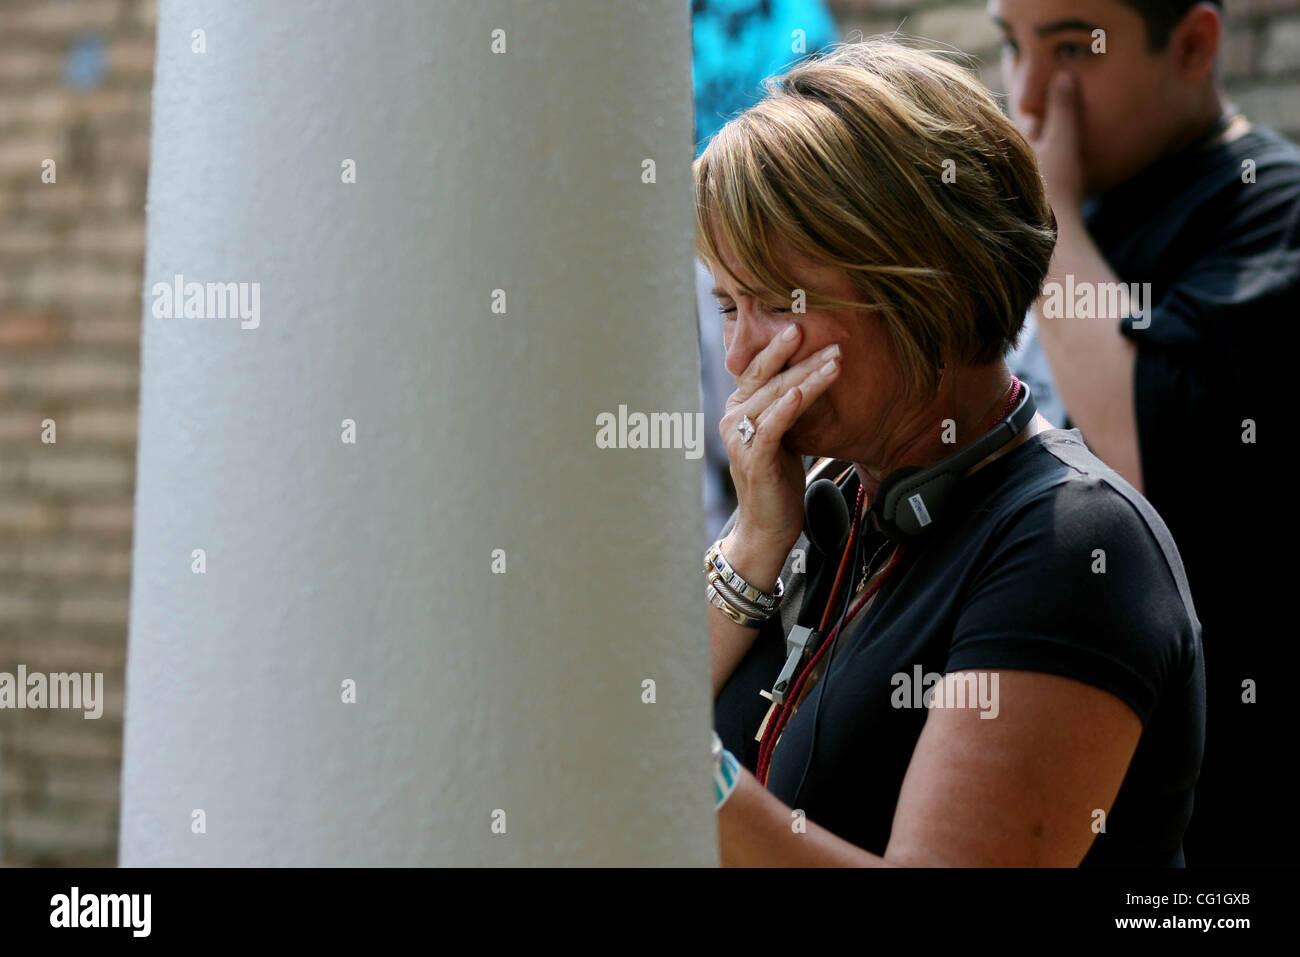 081607 traf Elvis 04 Personal Photo von Gary Coronado/The Palm Beach Post 0041321A mit Geschichte von Rachel Sauer Stockbild